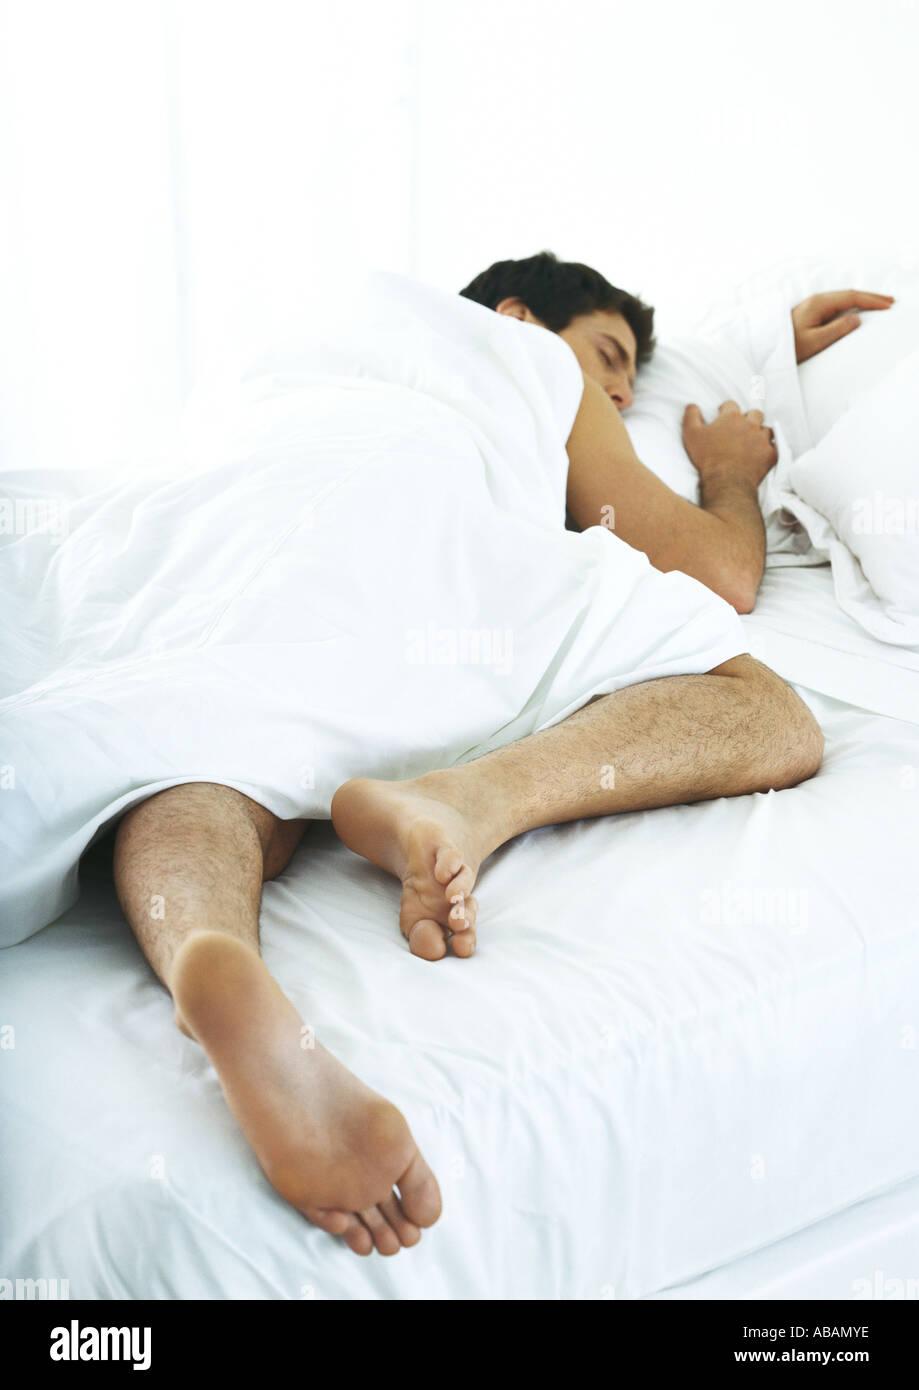 Mann Auf Bauch Im Bett Schlafen Stockfoto Bild 7333309 Alamy